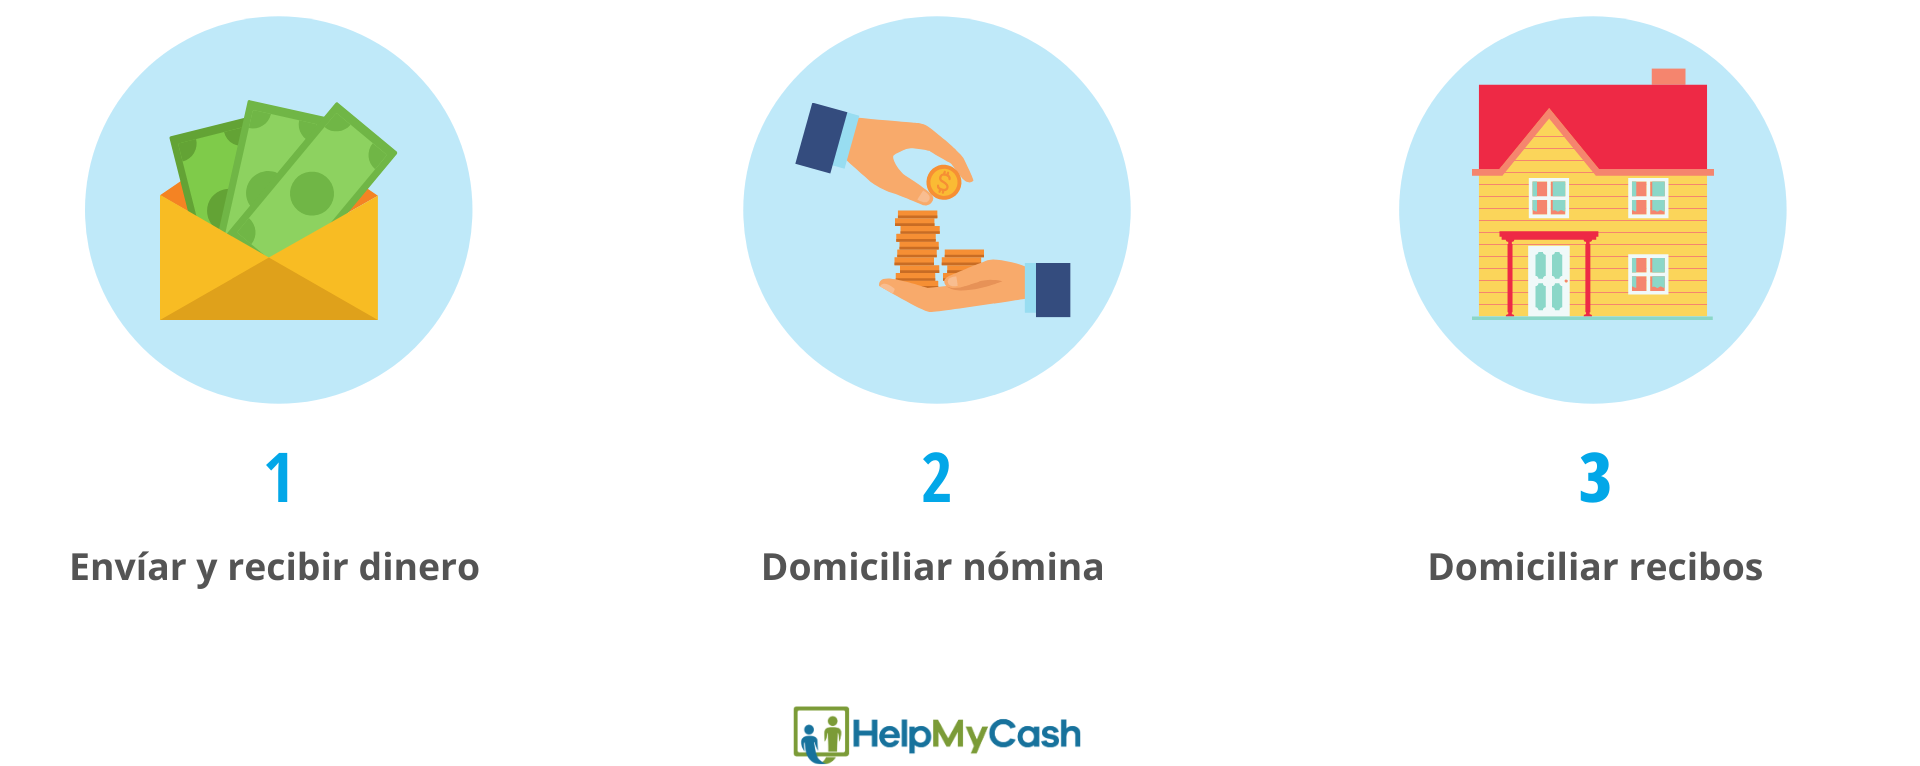 ¿Para que sirve el número de cuenta bancaria?: 1- envíar y recibir dinero. 2- domiciliar nómina. 3-domiciliar recibos